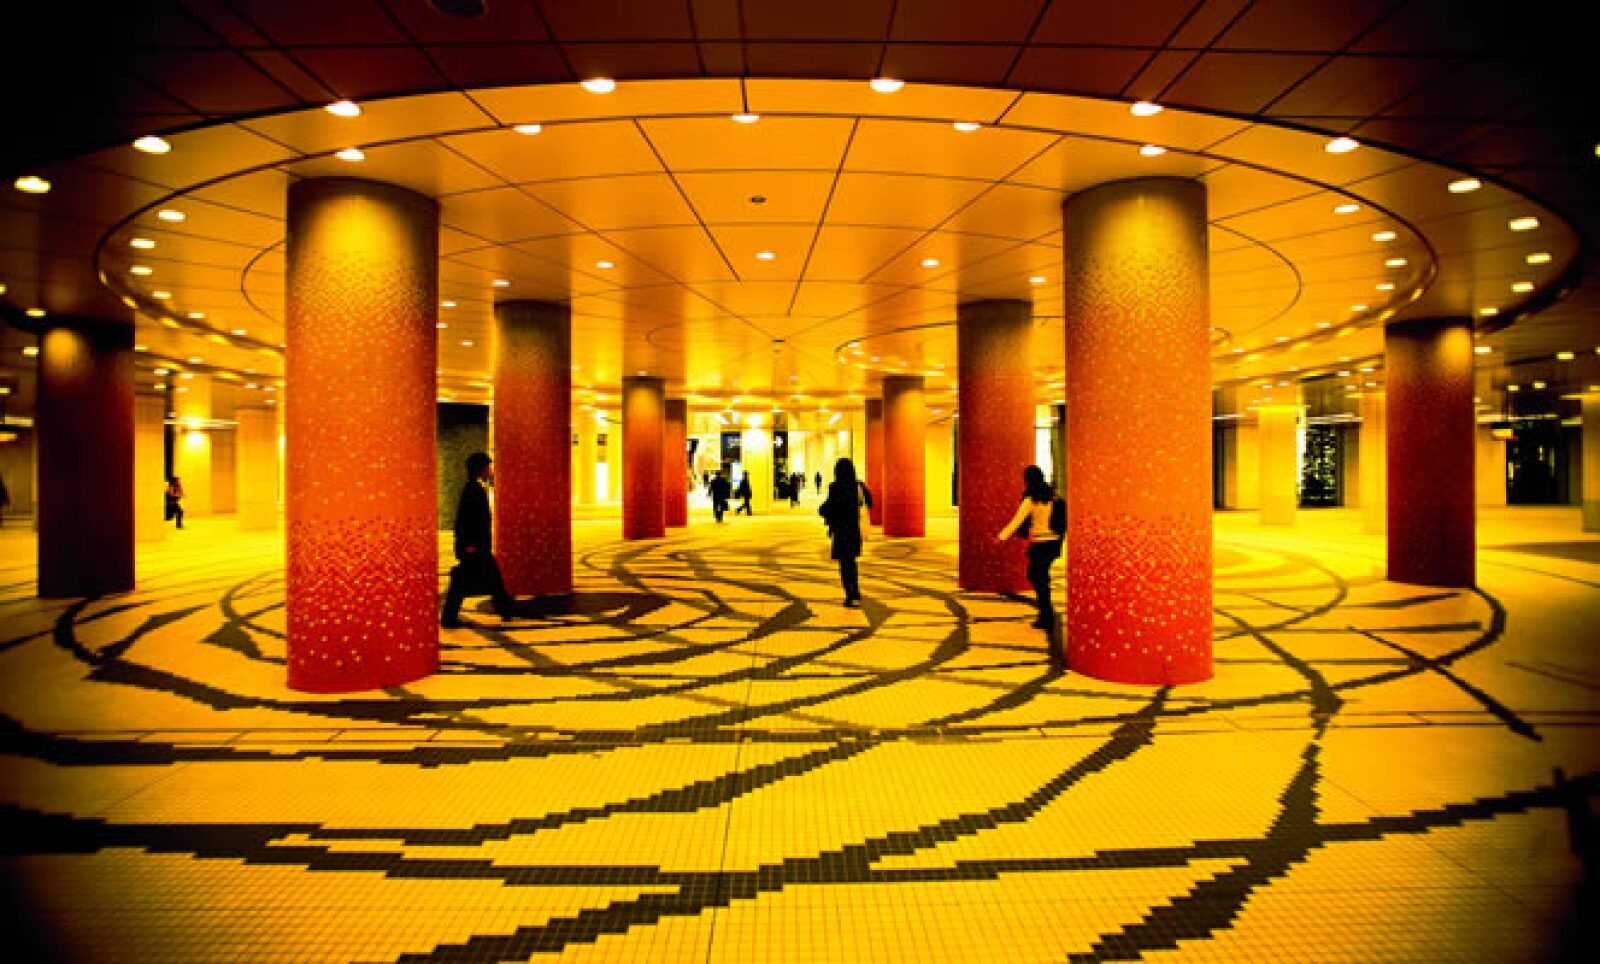 Las construcciones se especializan por optimizar sus adecuaciones, tal como el vestíbulo del metro y complejo teatral que se muestra en la foto.